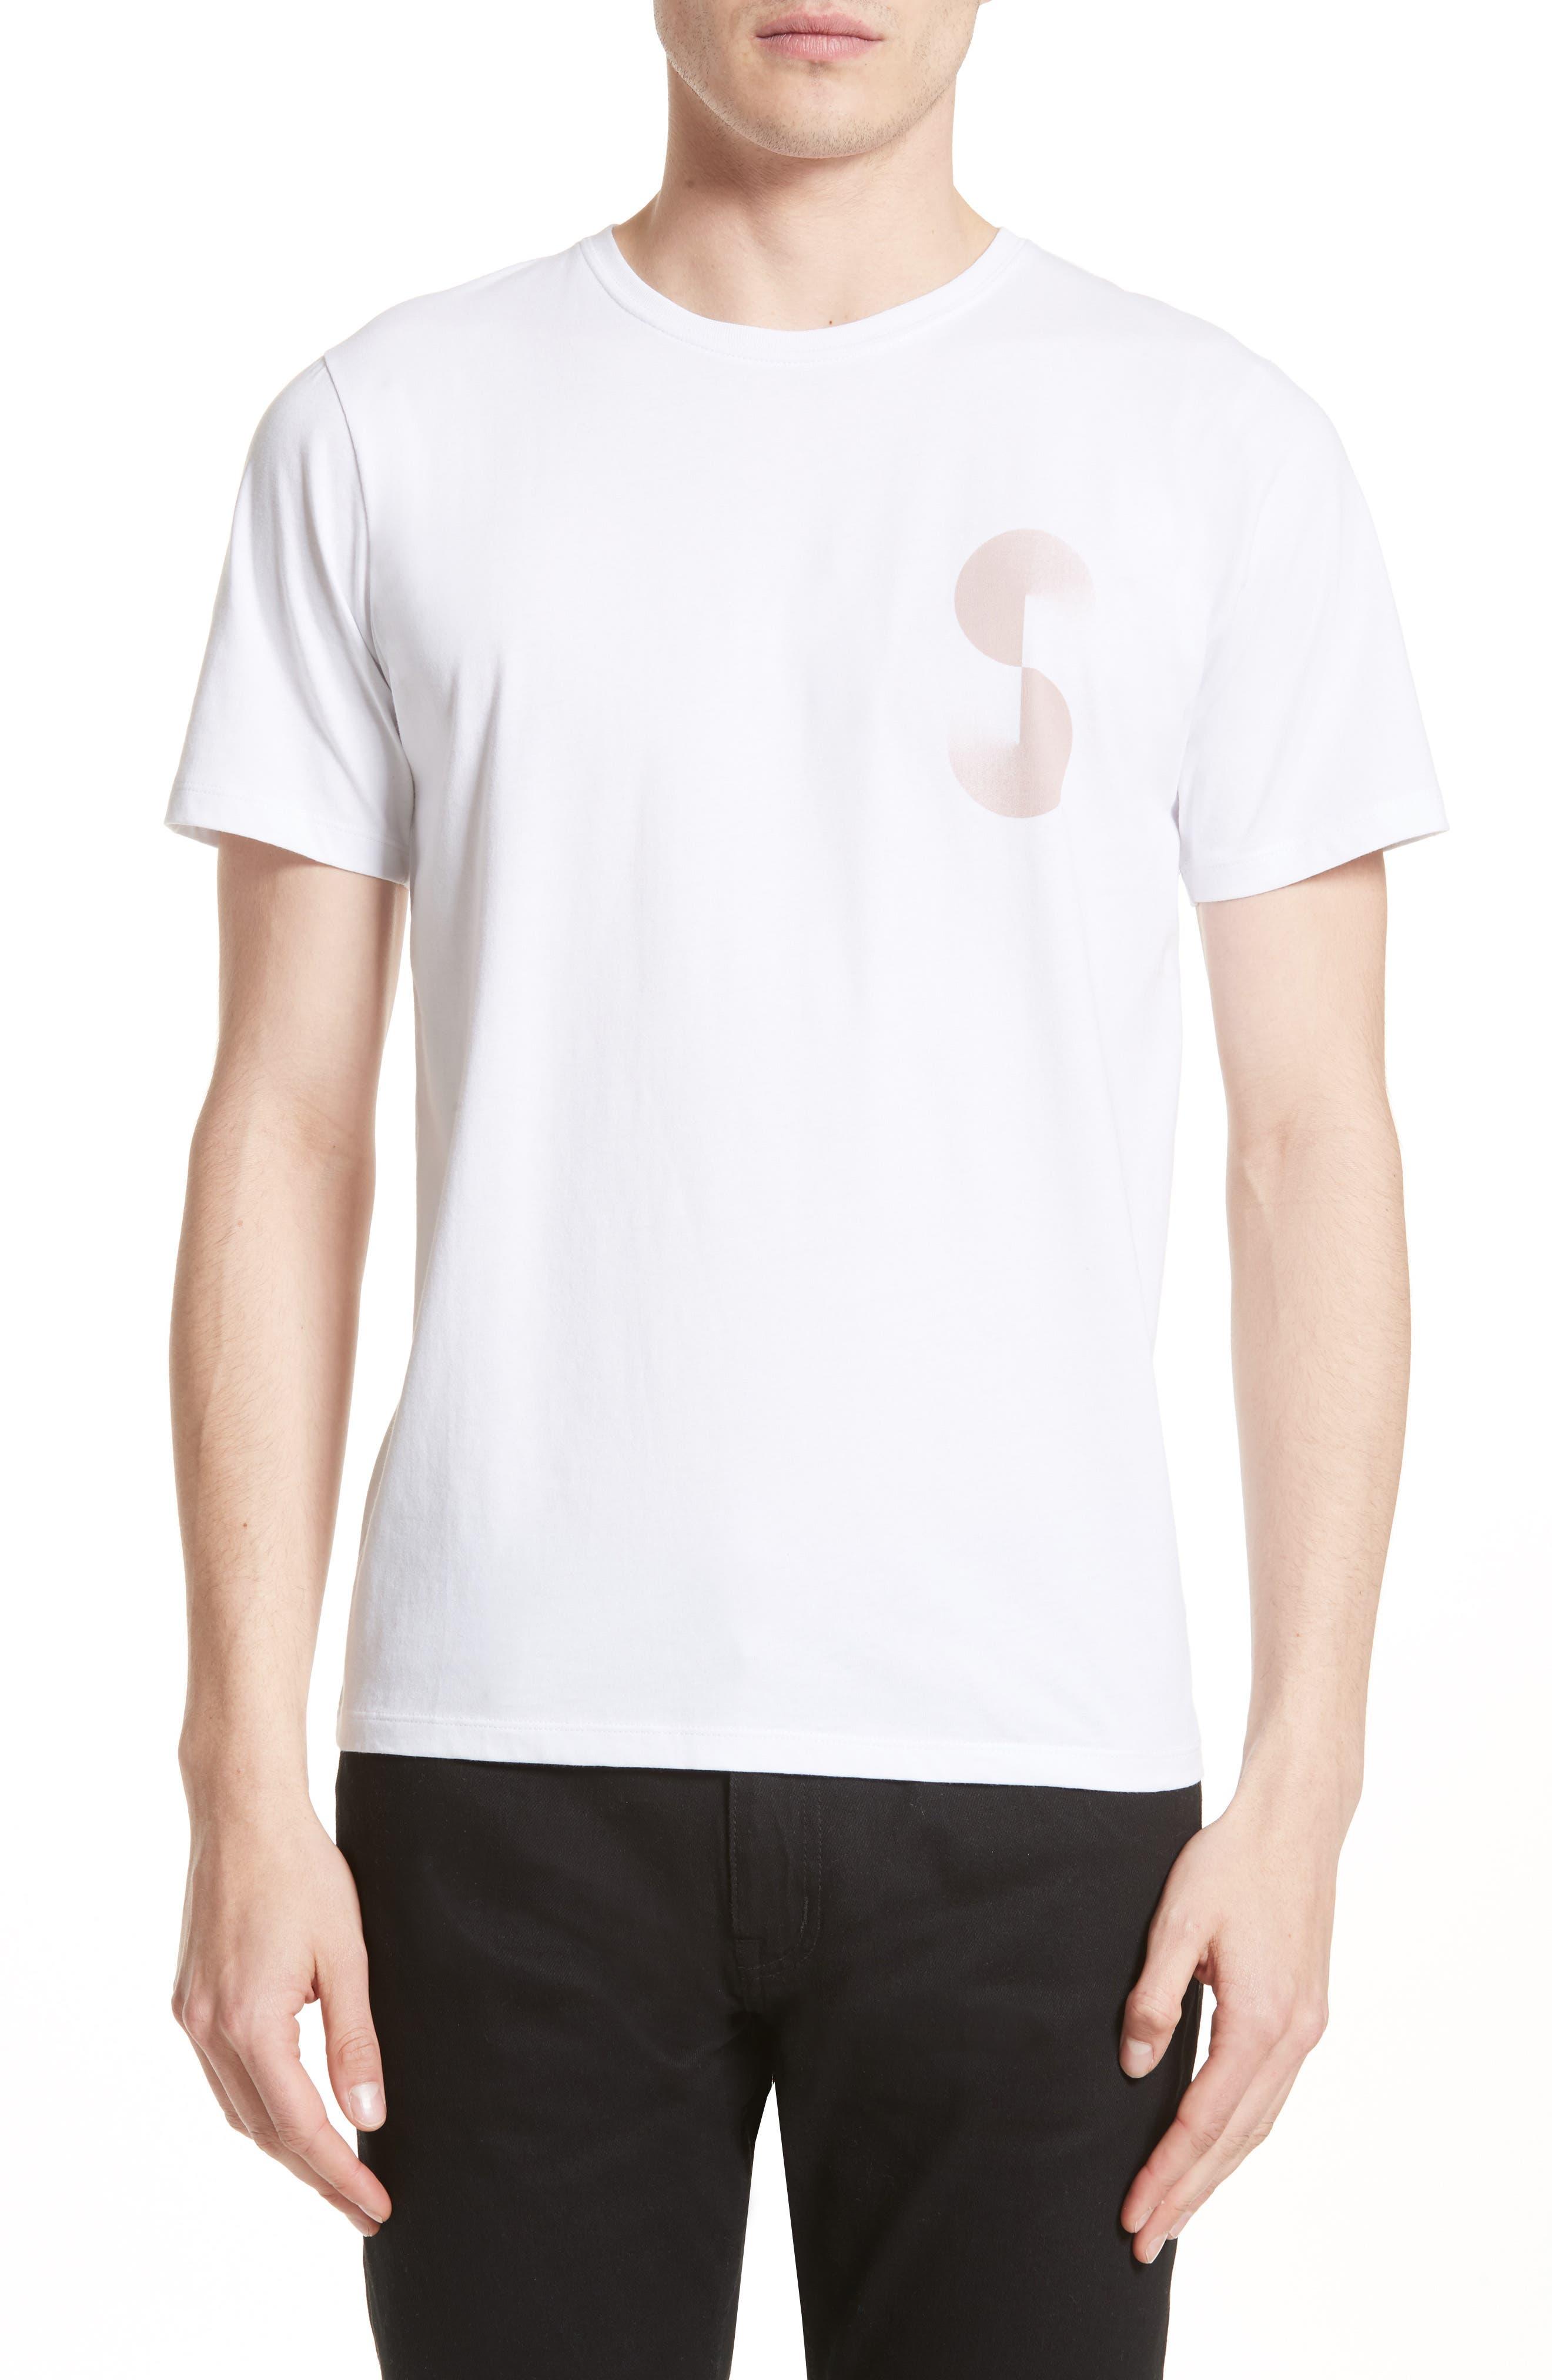 Main Image - Saturdays NYC Gradient Graphic T-Shirt